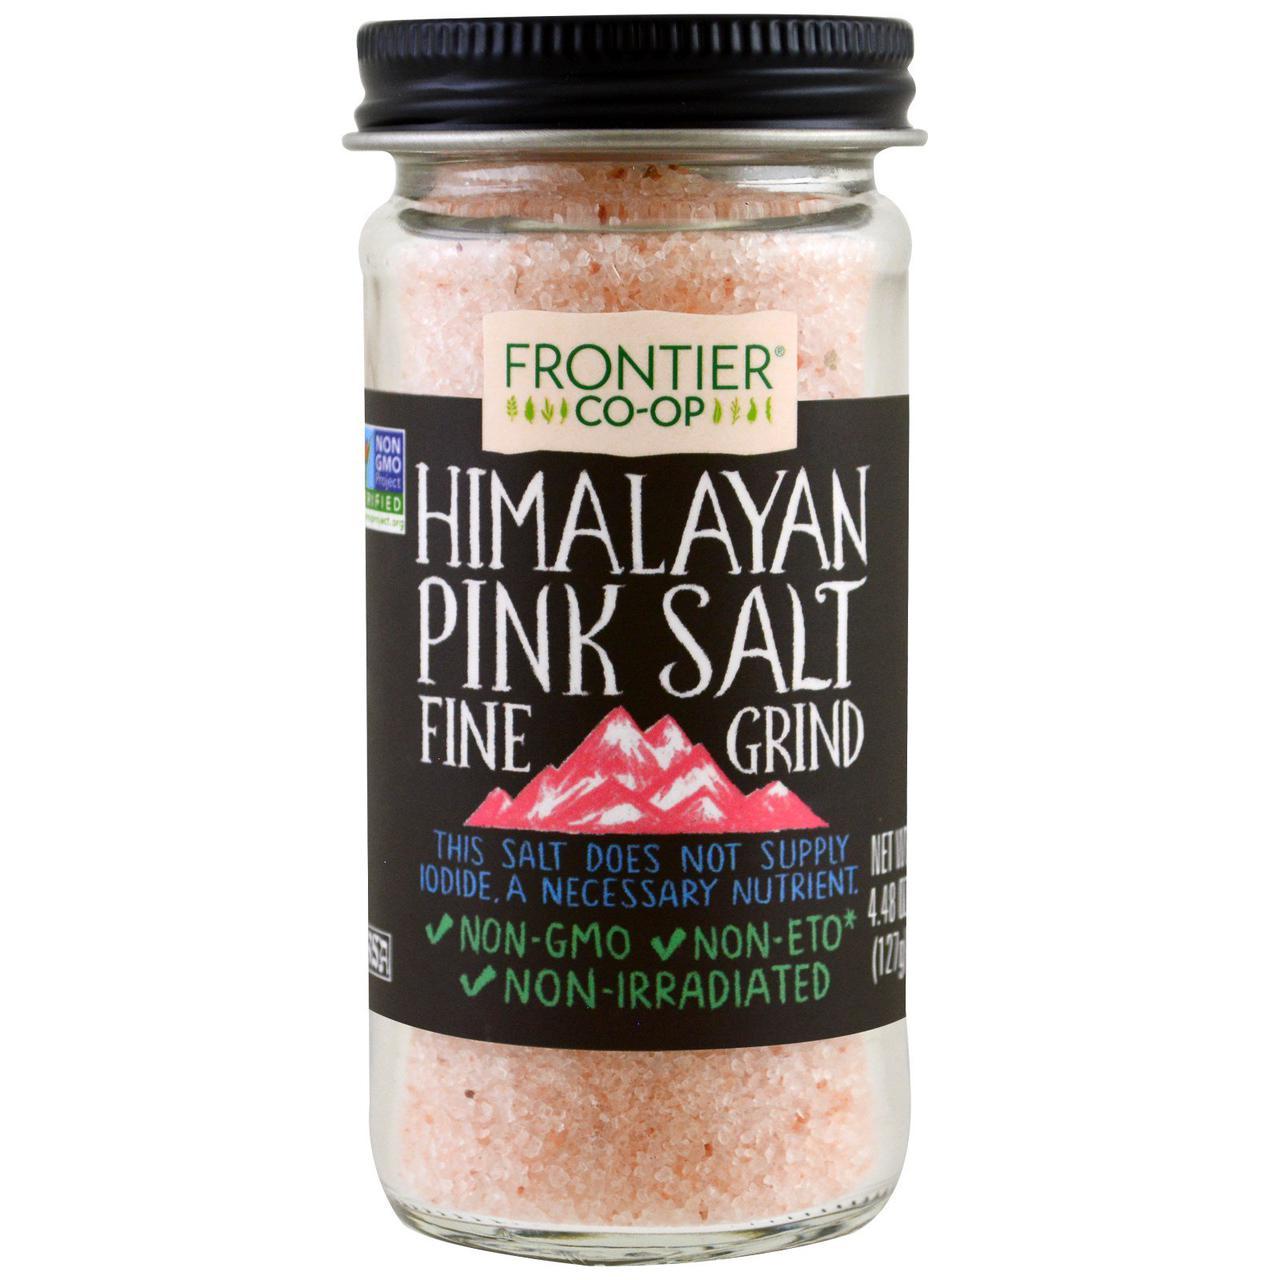 Frontier Natural Products, Гималайская розовая соль, мелкого помола, 127 г (4.48 oz)